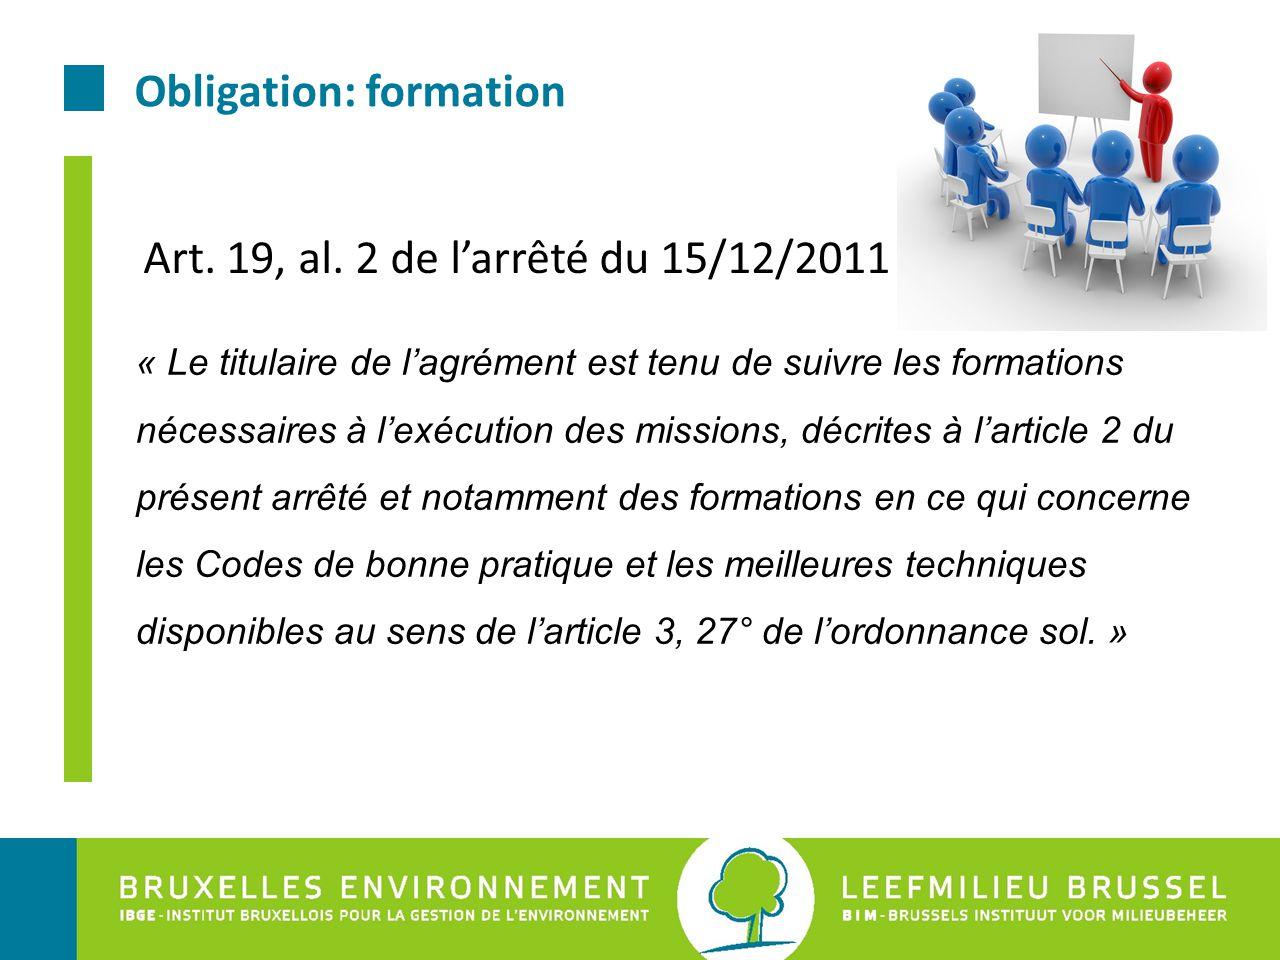 Obligation: formation « Le titulaire de l'agrément est tenu de suivre les formations nécessaires à l'exécution des missions, décrites à l'article 2 du